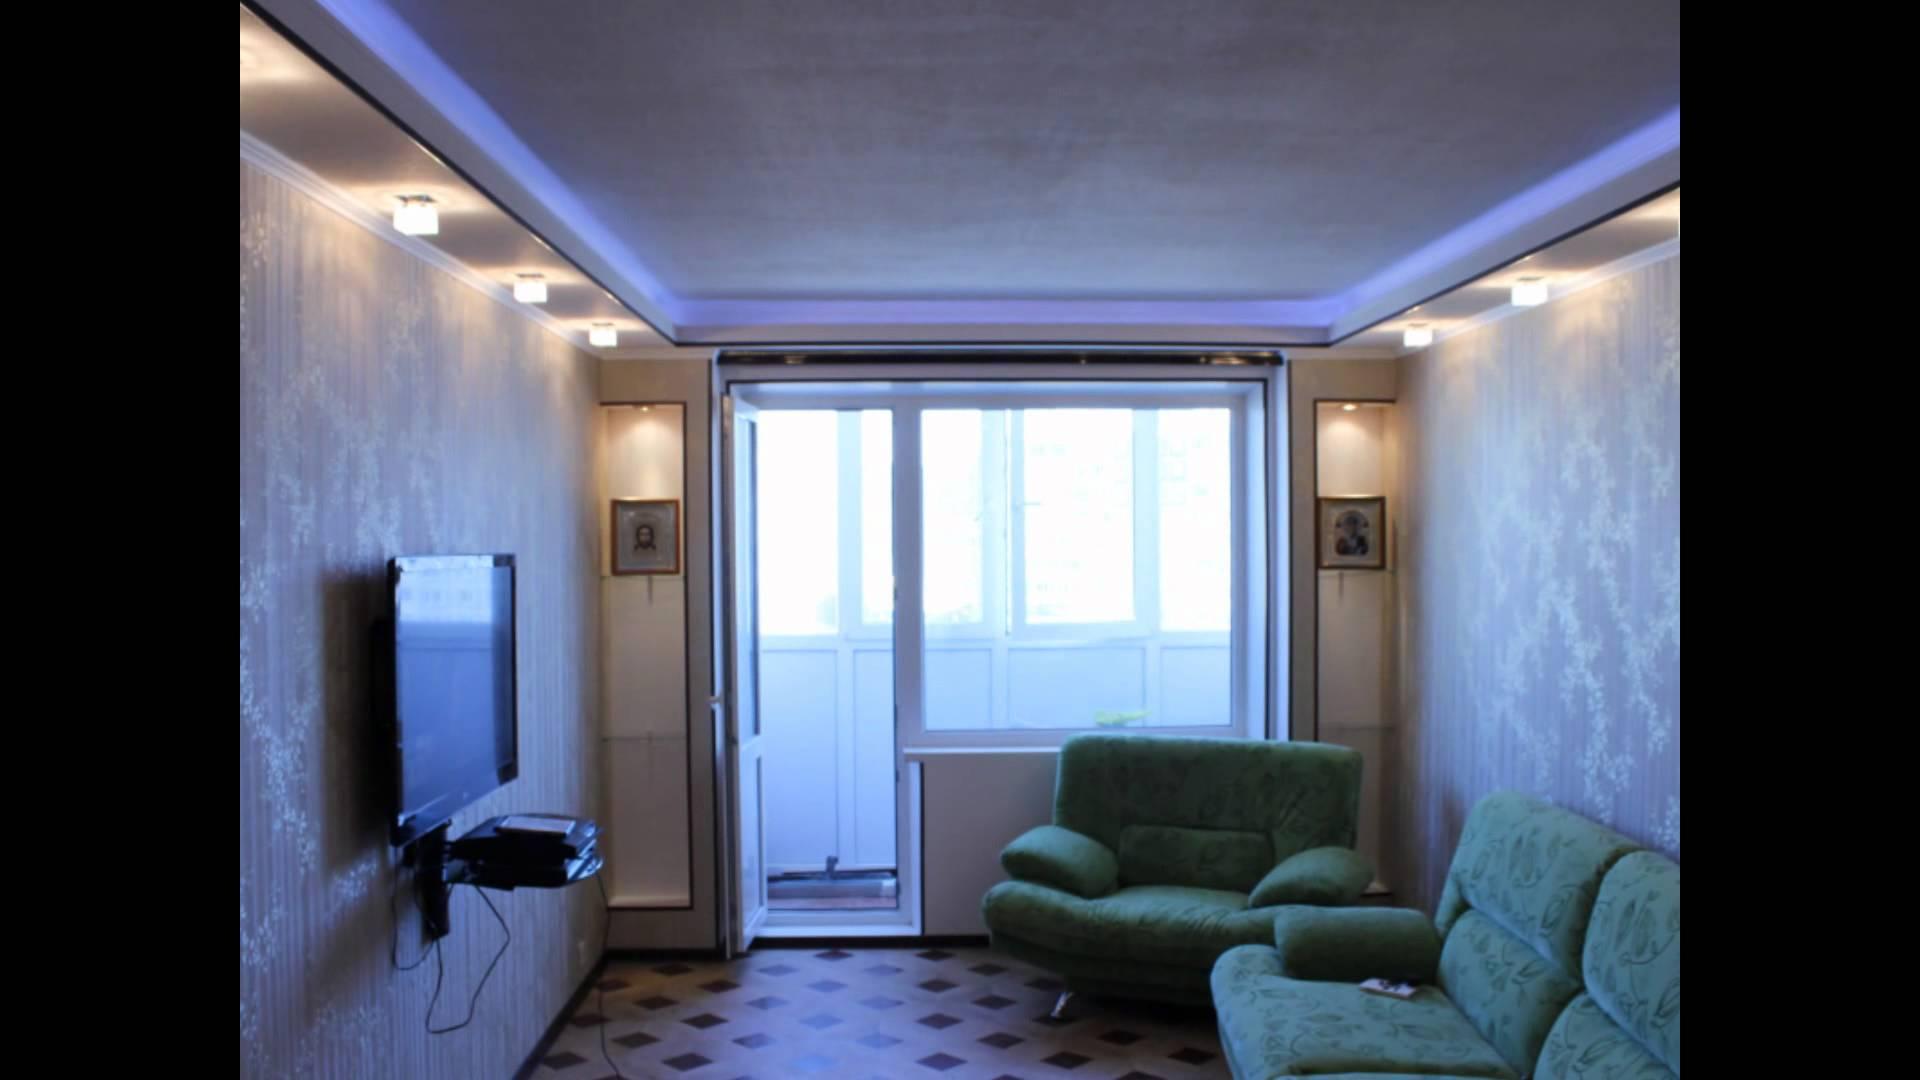 Ивановская барахолка ivbb.ru * ремонт квартир и комнат под к.